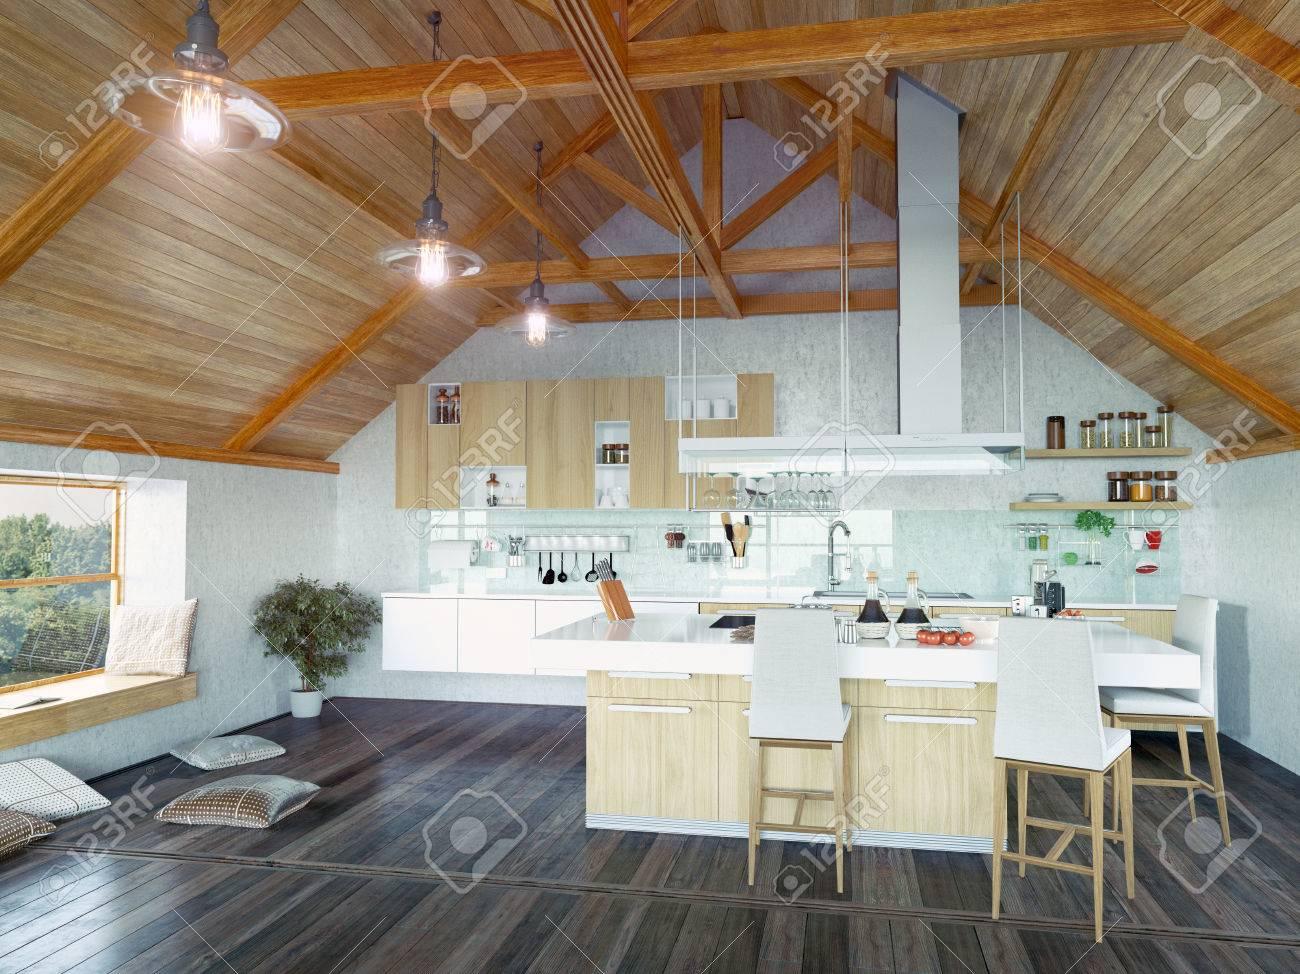 Moderne Küche Interieur Mit Insel Auf Dem Dachboden (3d Design Konzept)  Standard